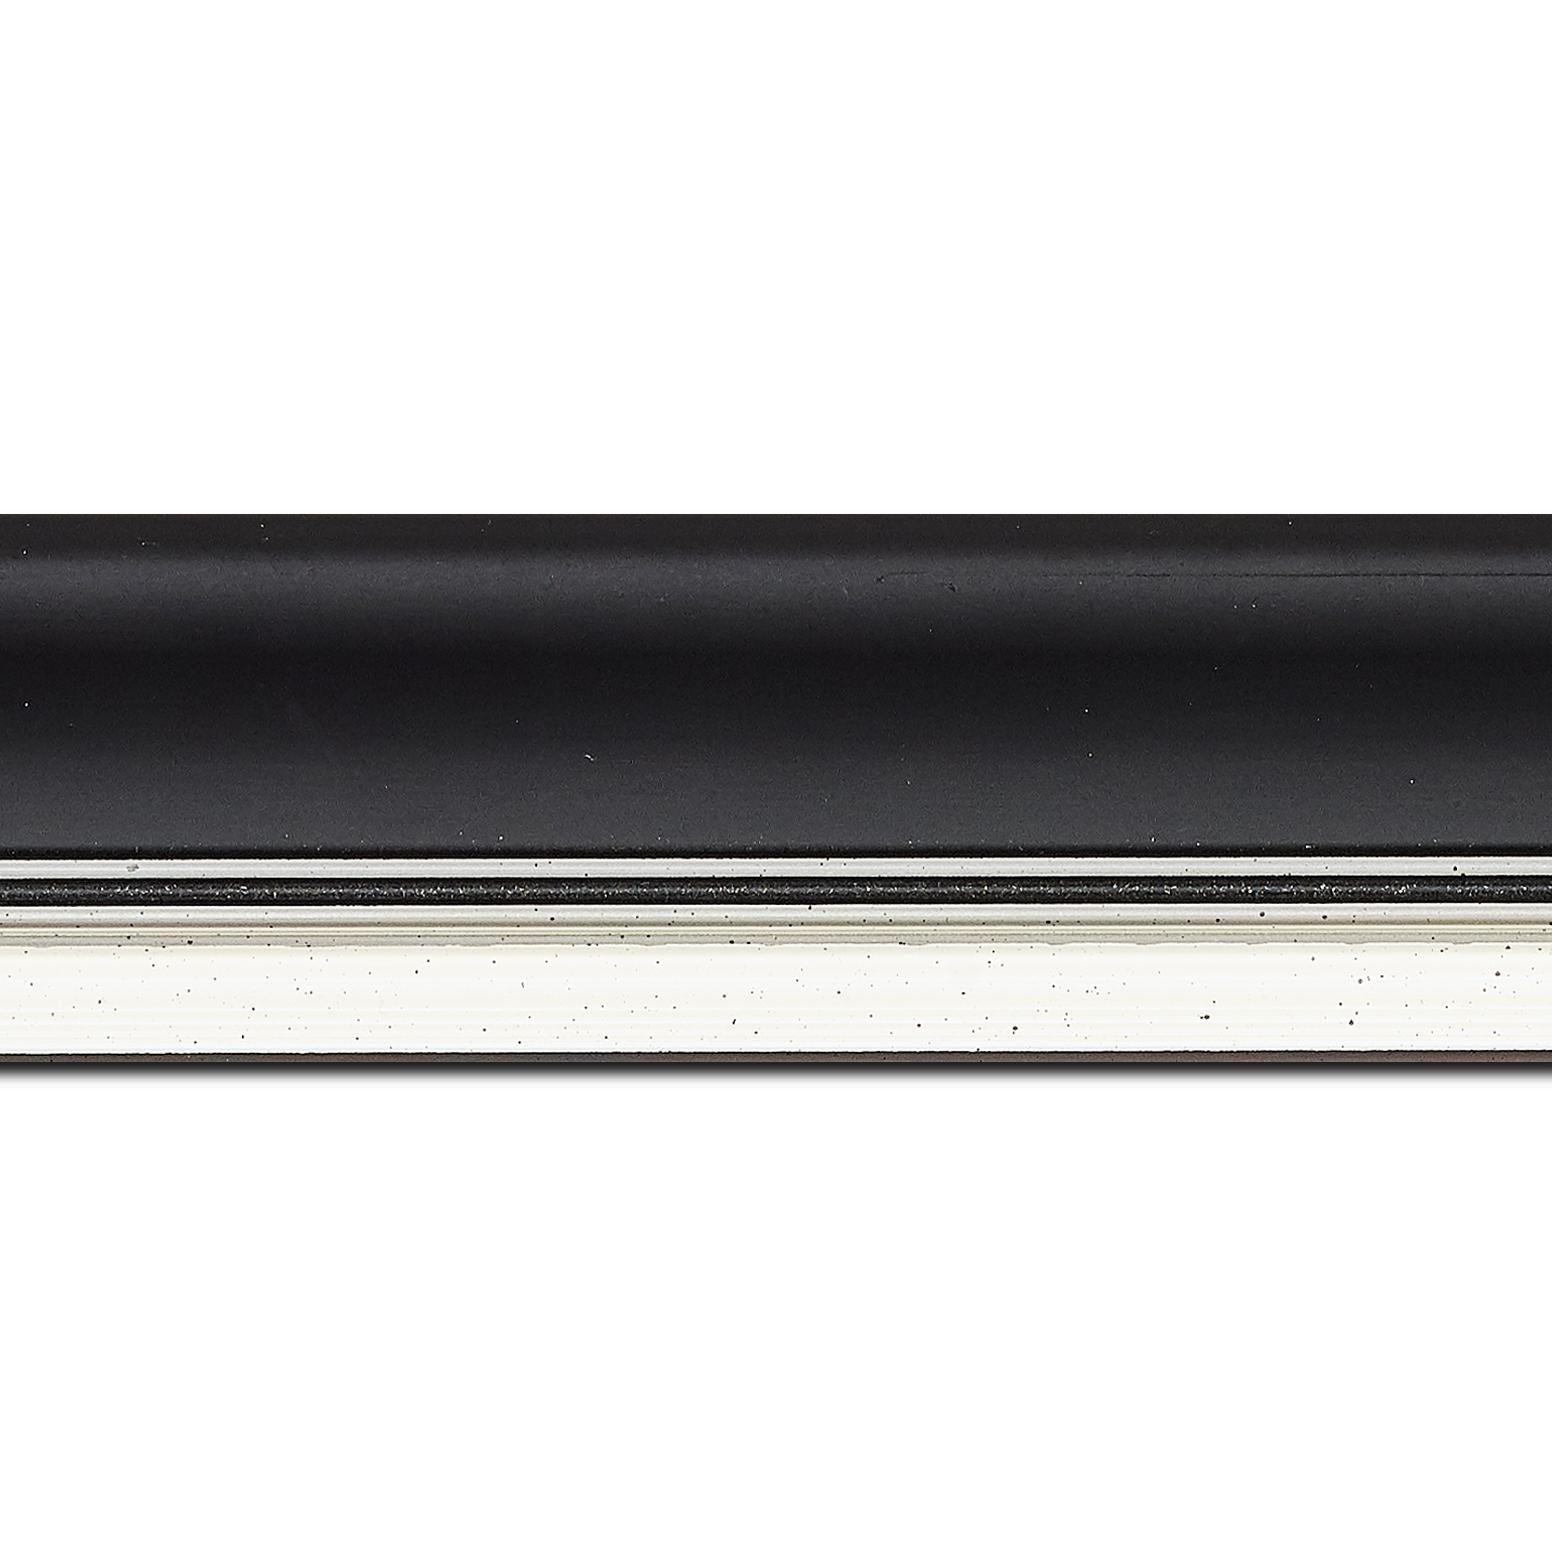 Pack par 12m, bois profil incurvé largeur 5.7cm de couleur noir mat  marie louise blanche mouchetée filet argent intégré(longueur baguette pouvant varier entre 2.40m et 3m selon arrivage des bois)